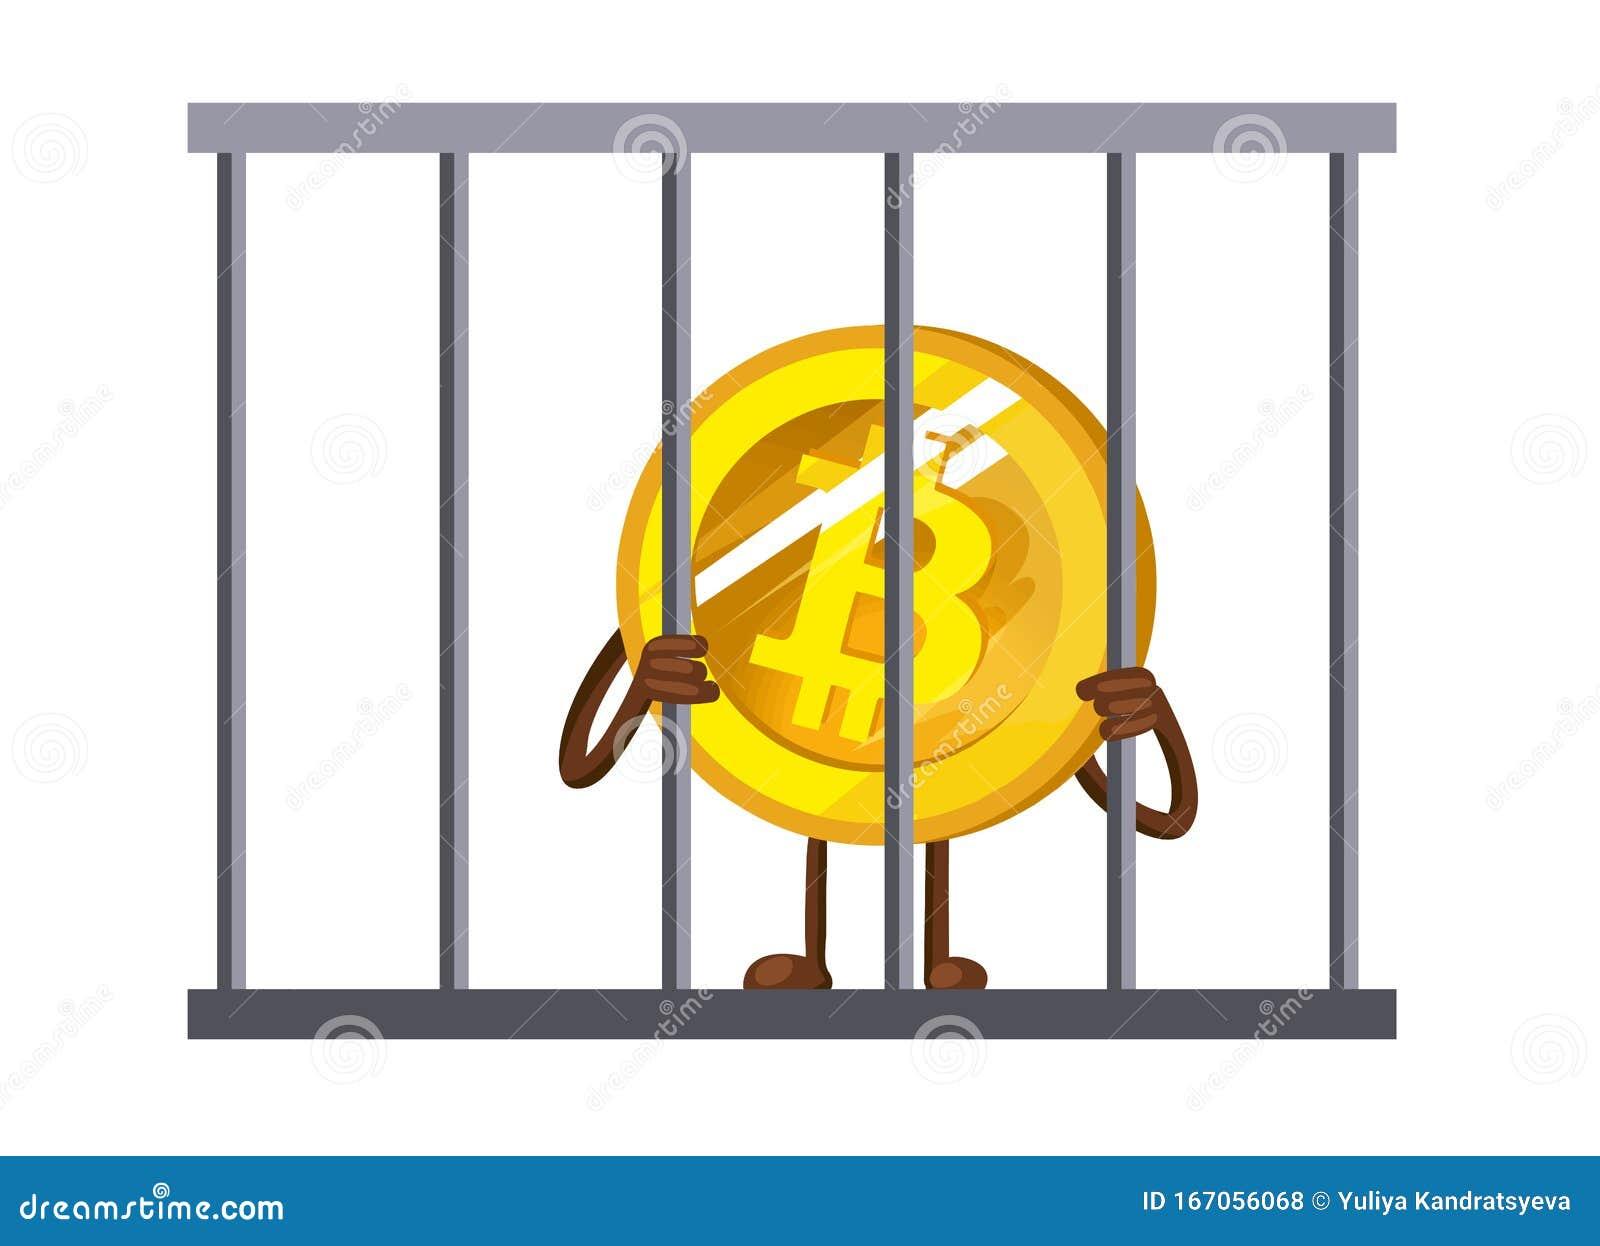 bitcoin commercio illegale)